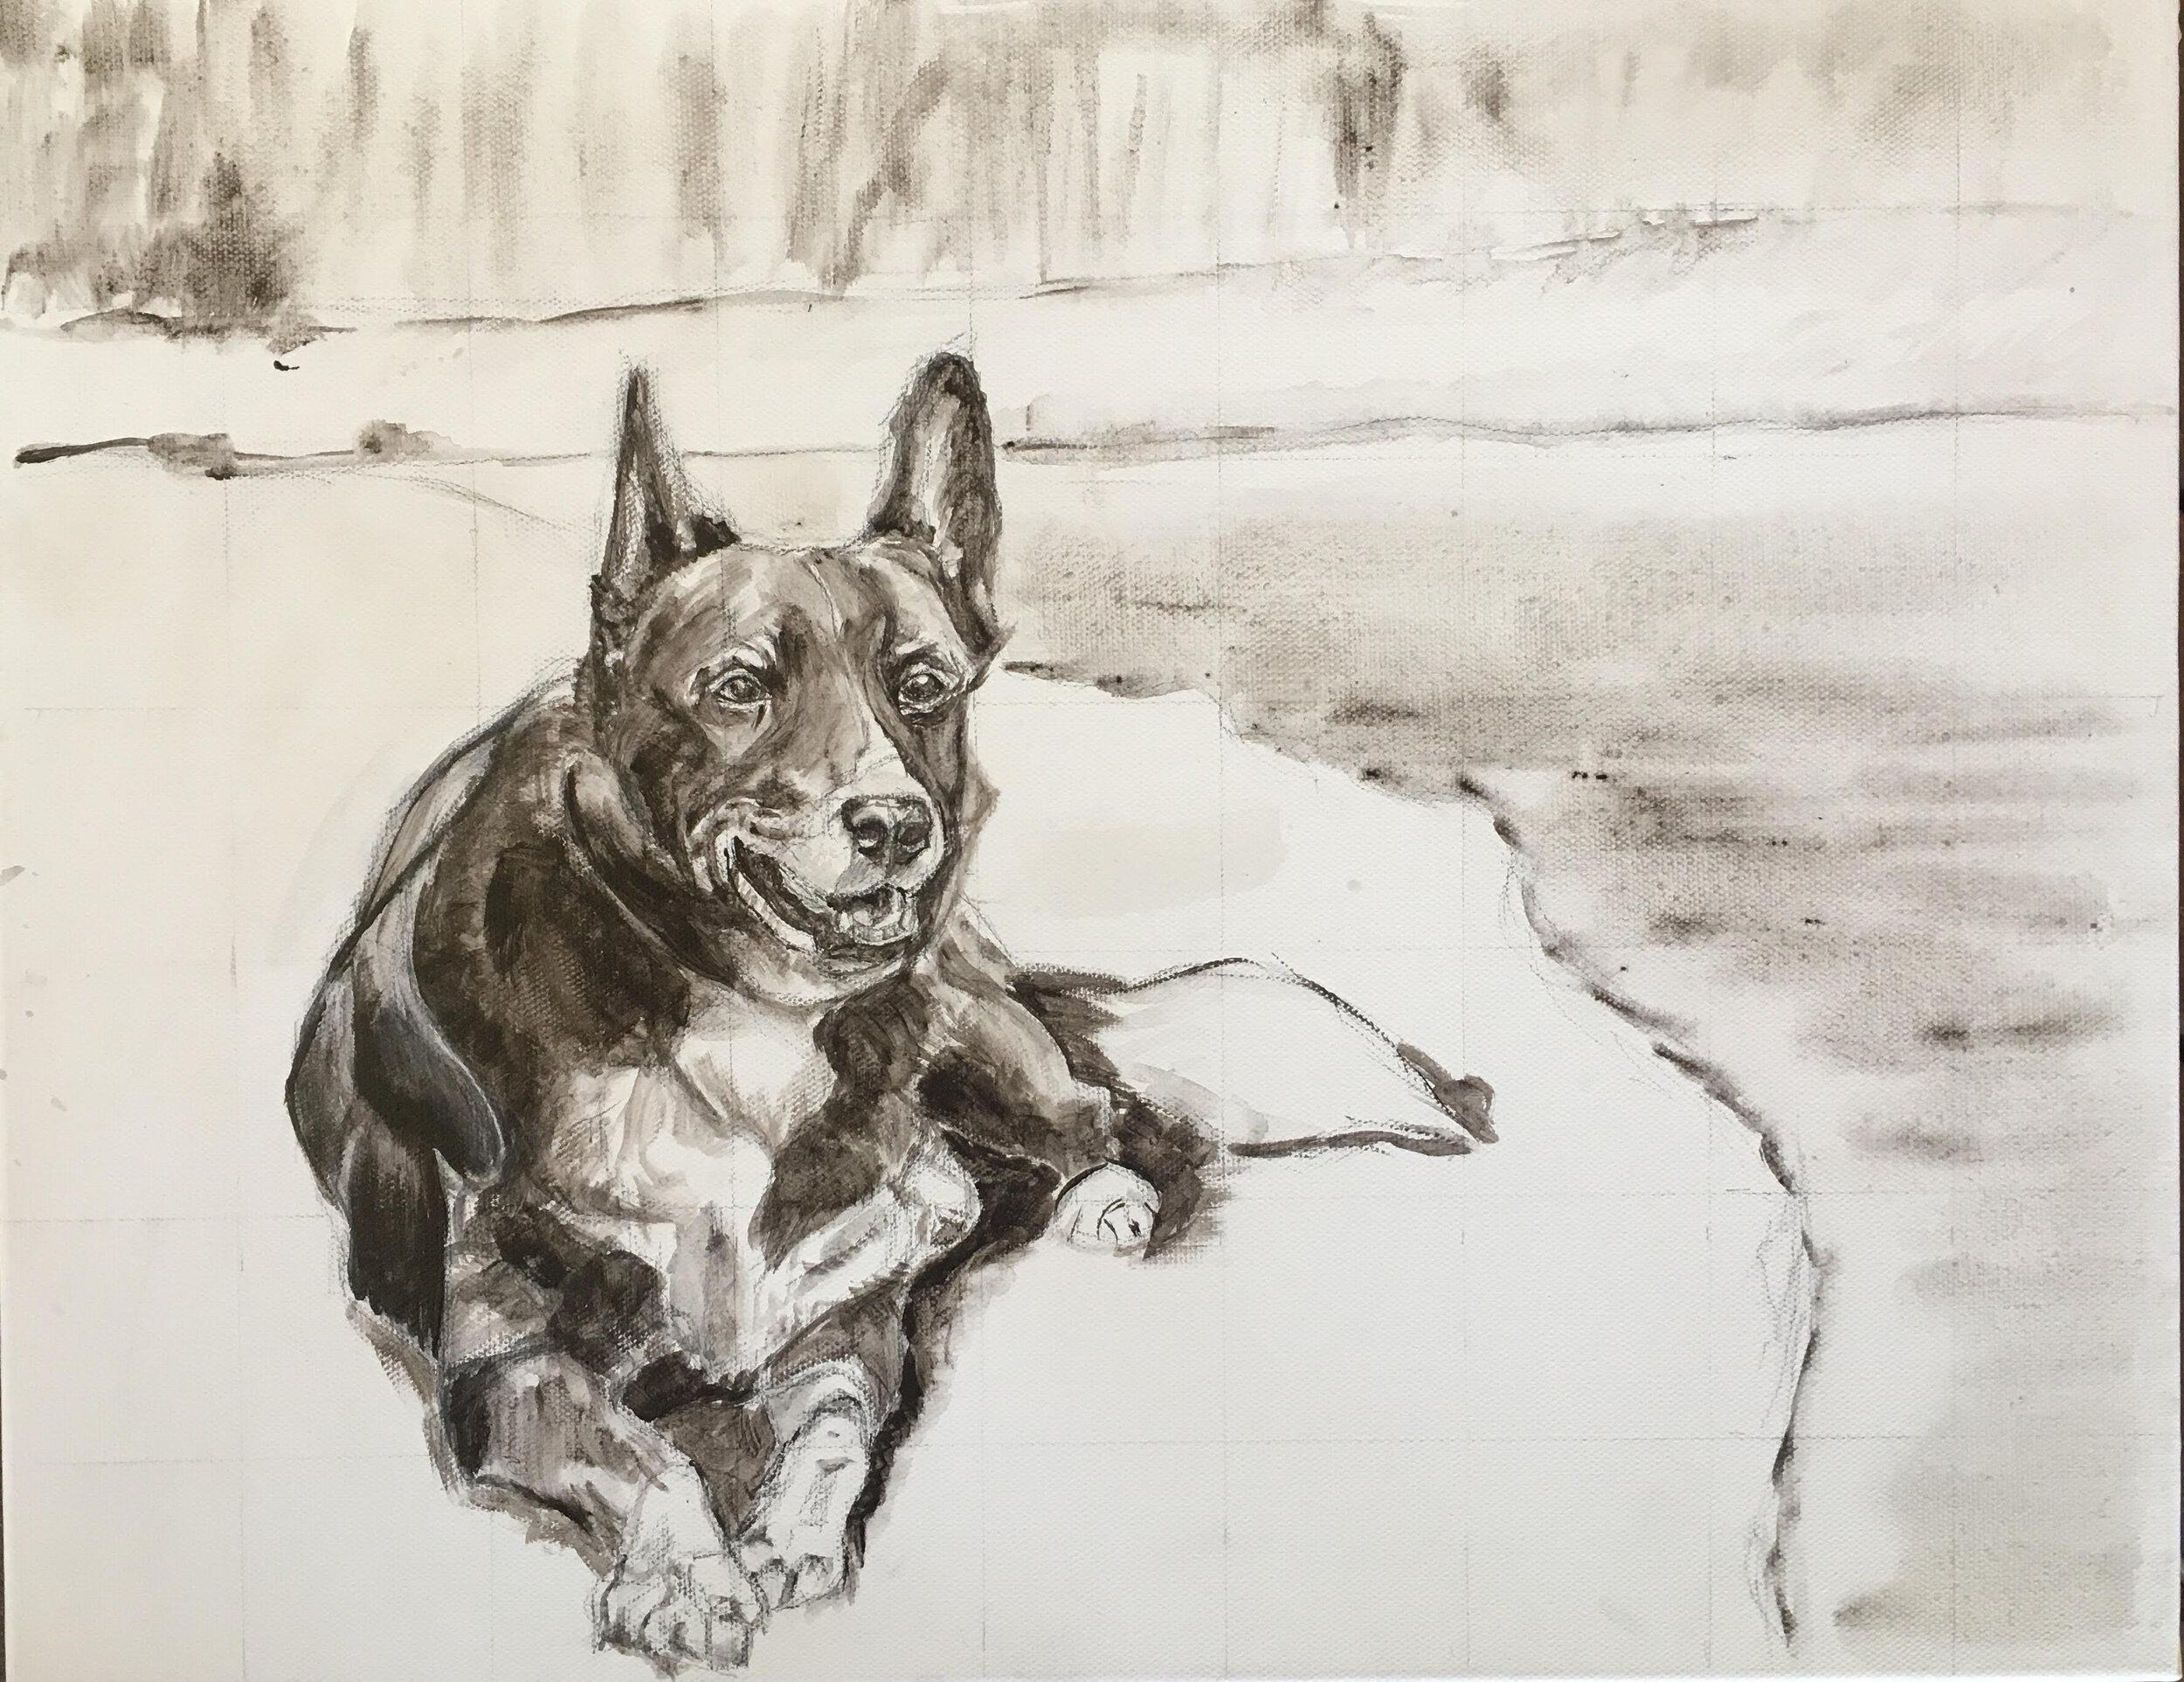 Grisaille under painting of custom dog portrait. Tux the Collie Kelpie mix by Australian pet painter Opal Pastro